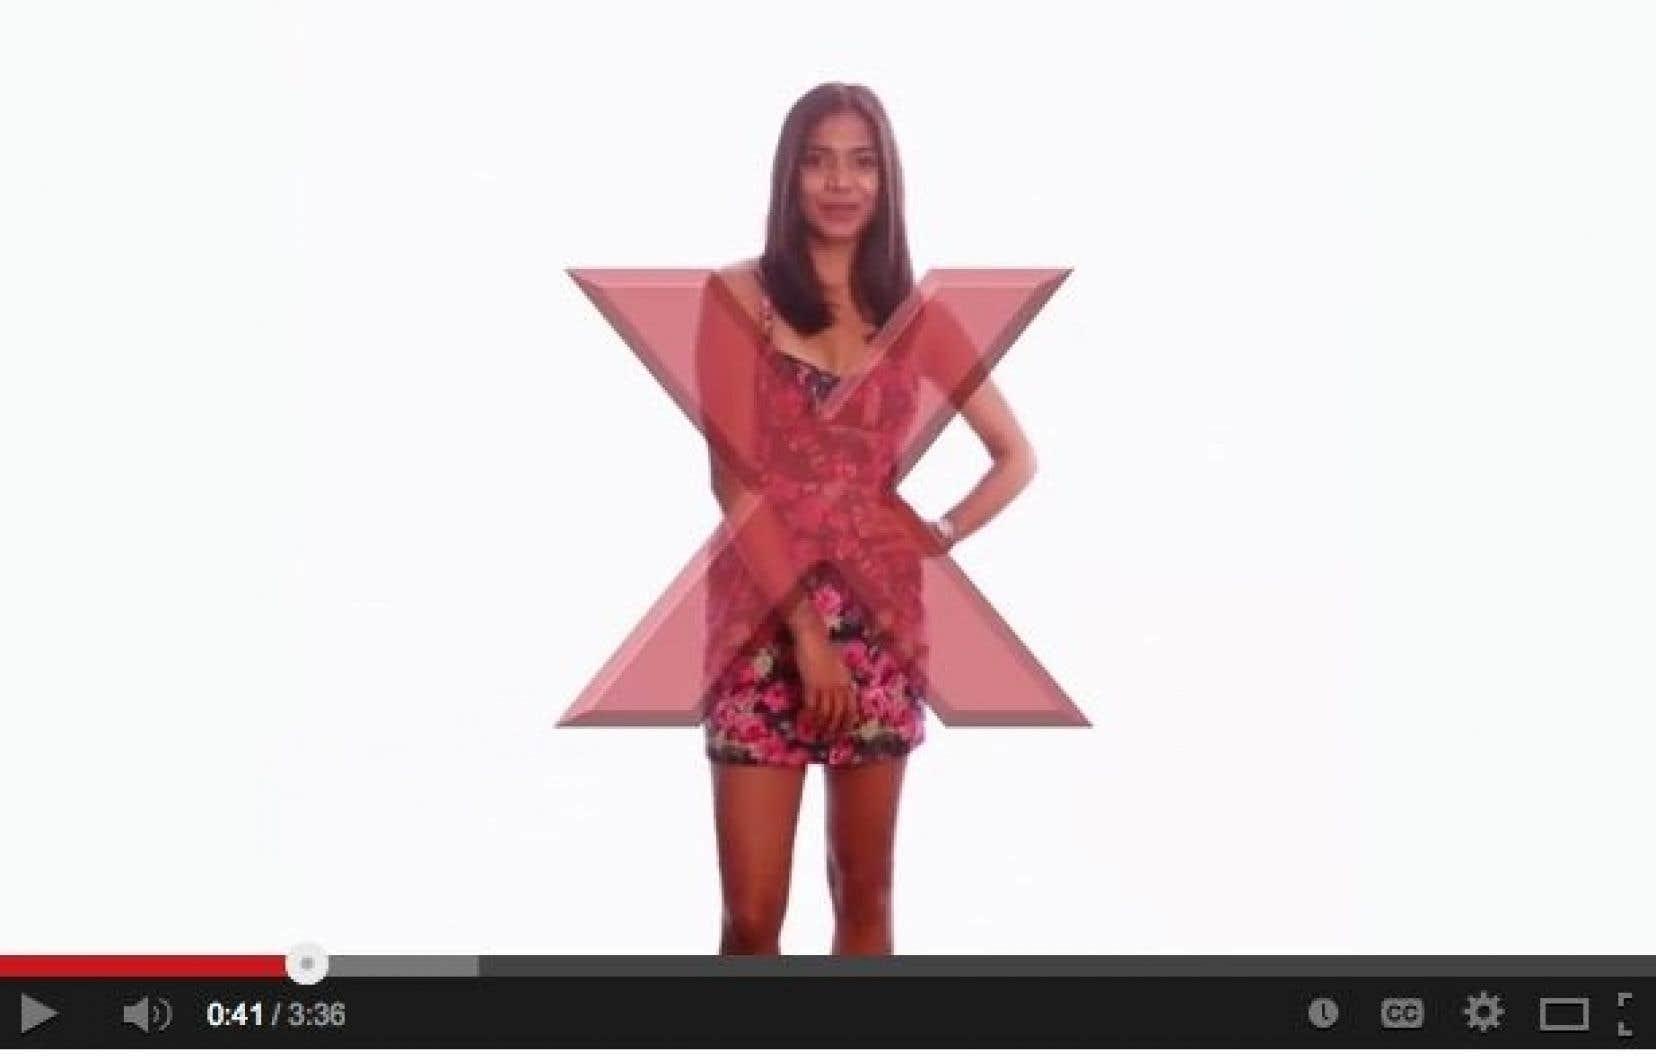 La vidéo s'intitule «It's Your Fault» et rit – noir – au sujet du viol.